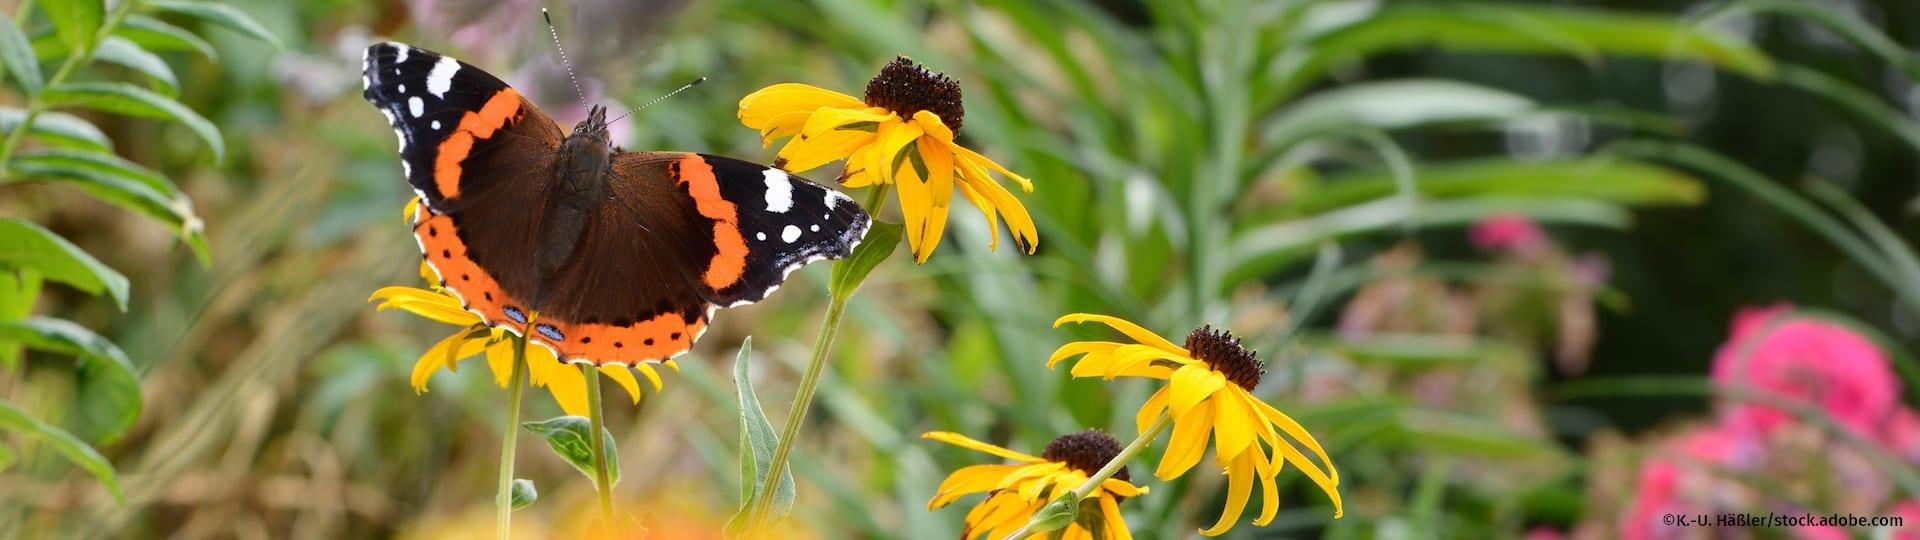 Garten mit buntem Schmetterling auf gelber Blume